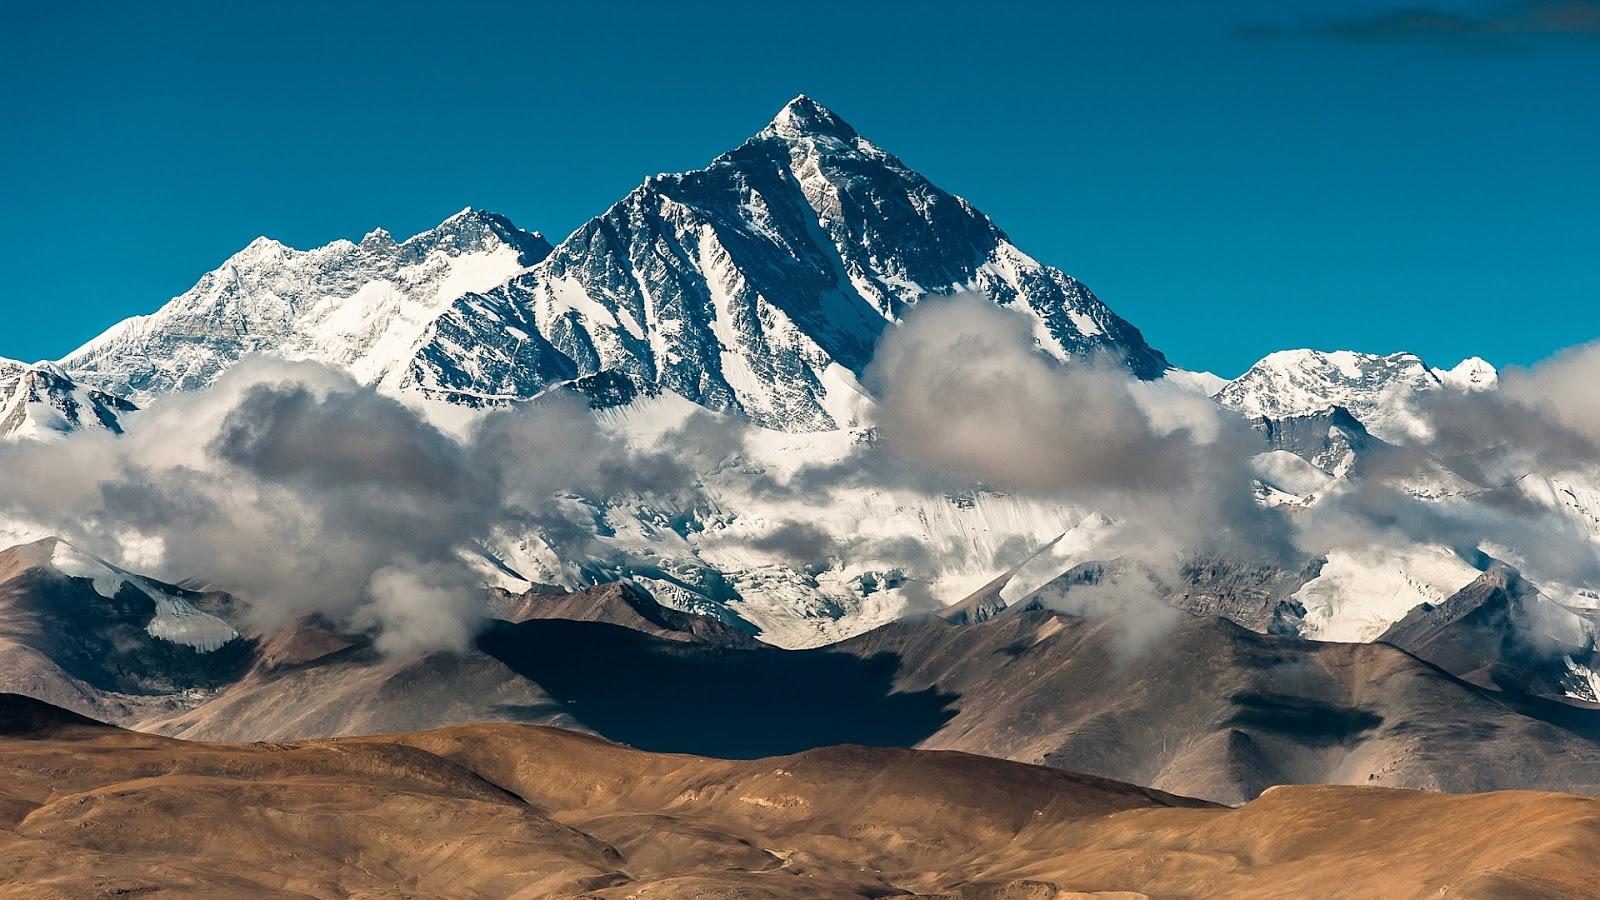 http://1.bp.blogspot.com/-q8SOB7AkWKU/UMBZHTOOa_I/AAAAAAAAJWE/grn9JgsPsvw/s1600/tibet-everest.jpg